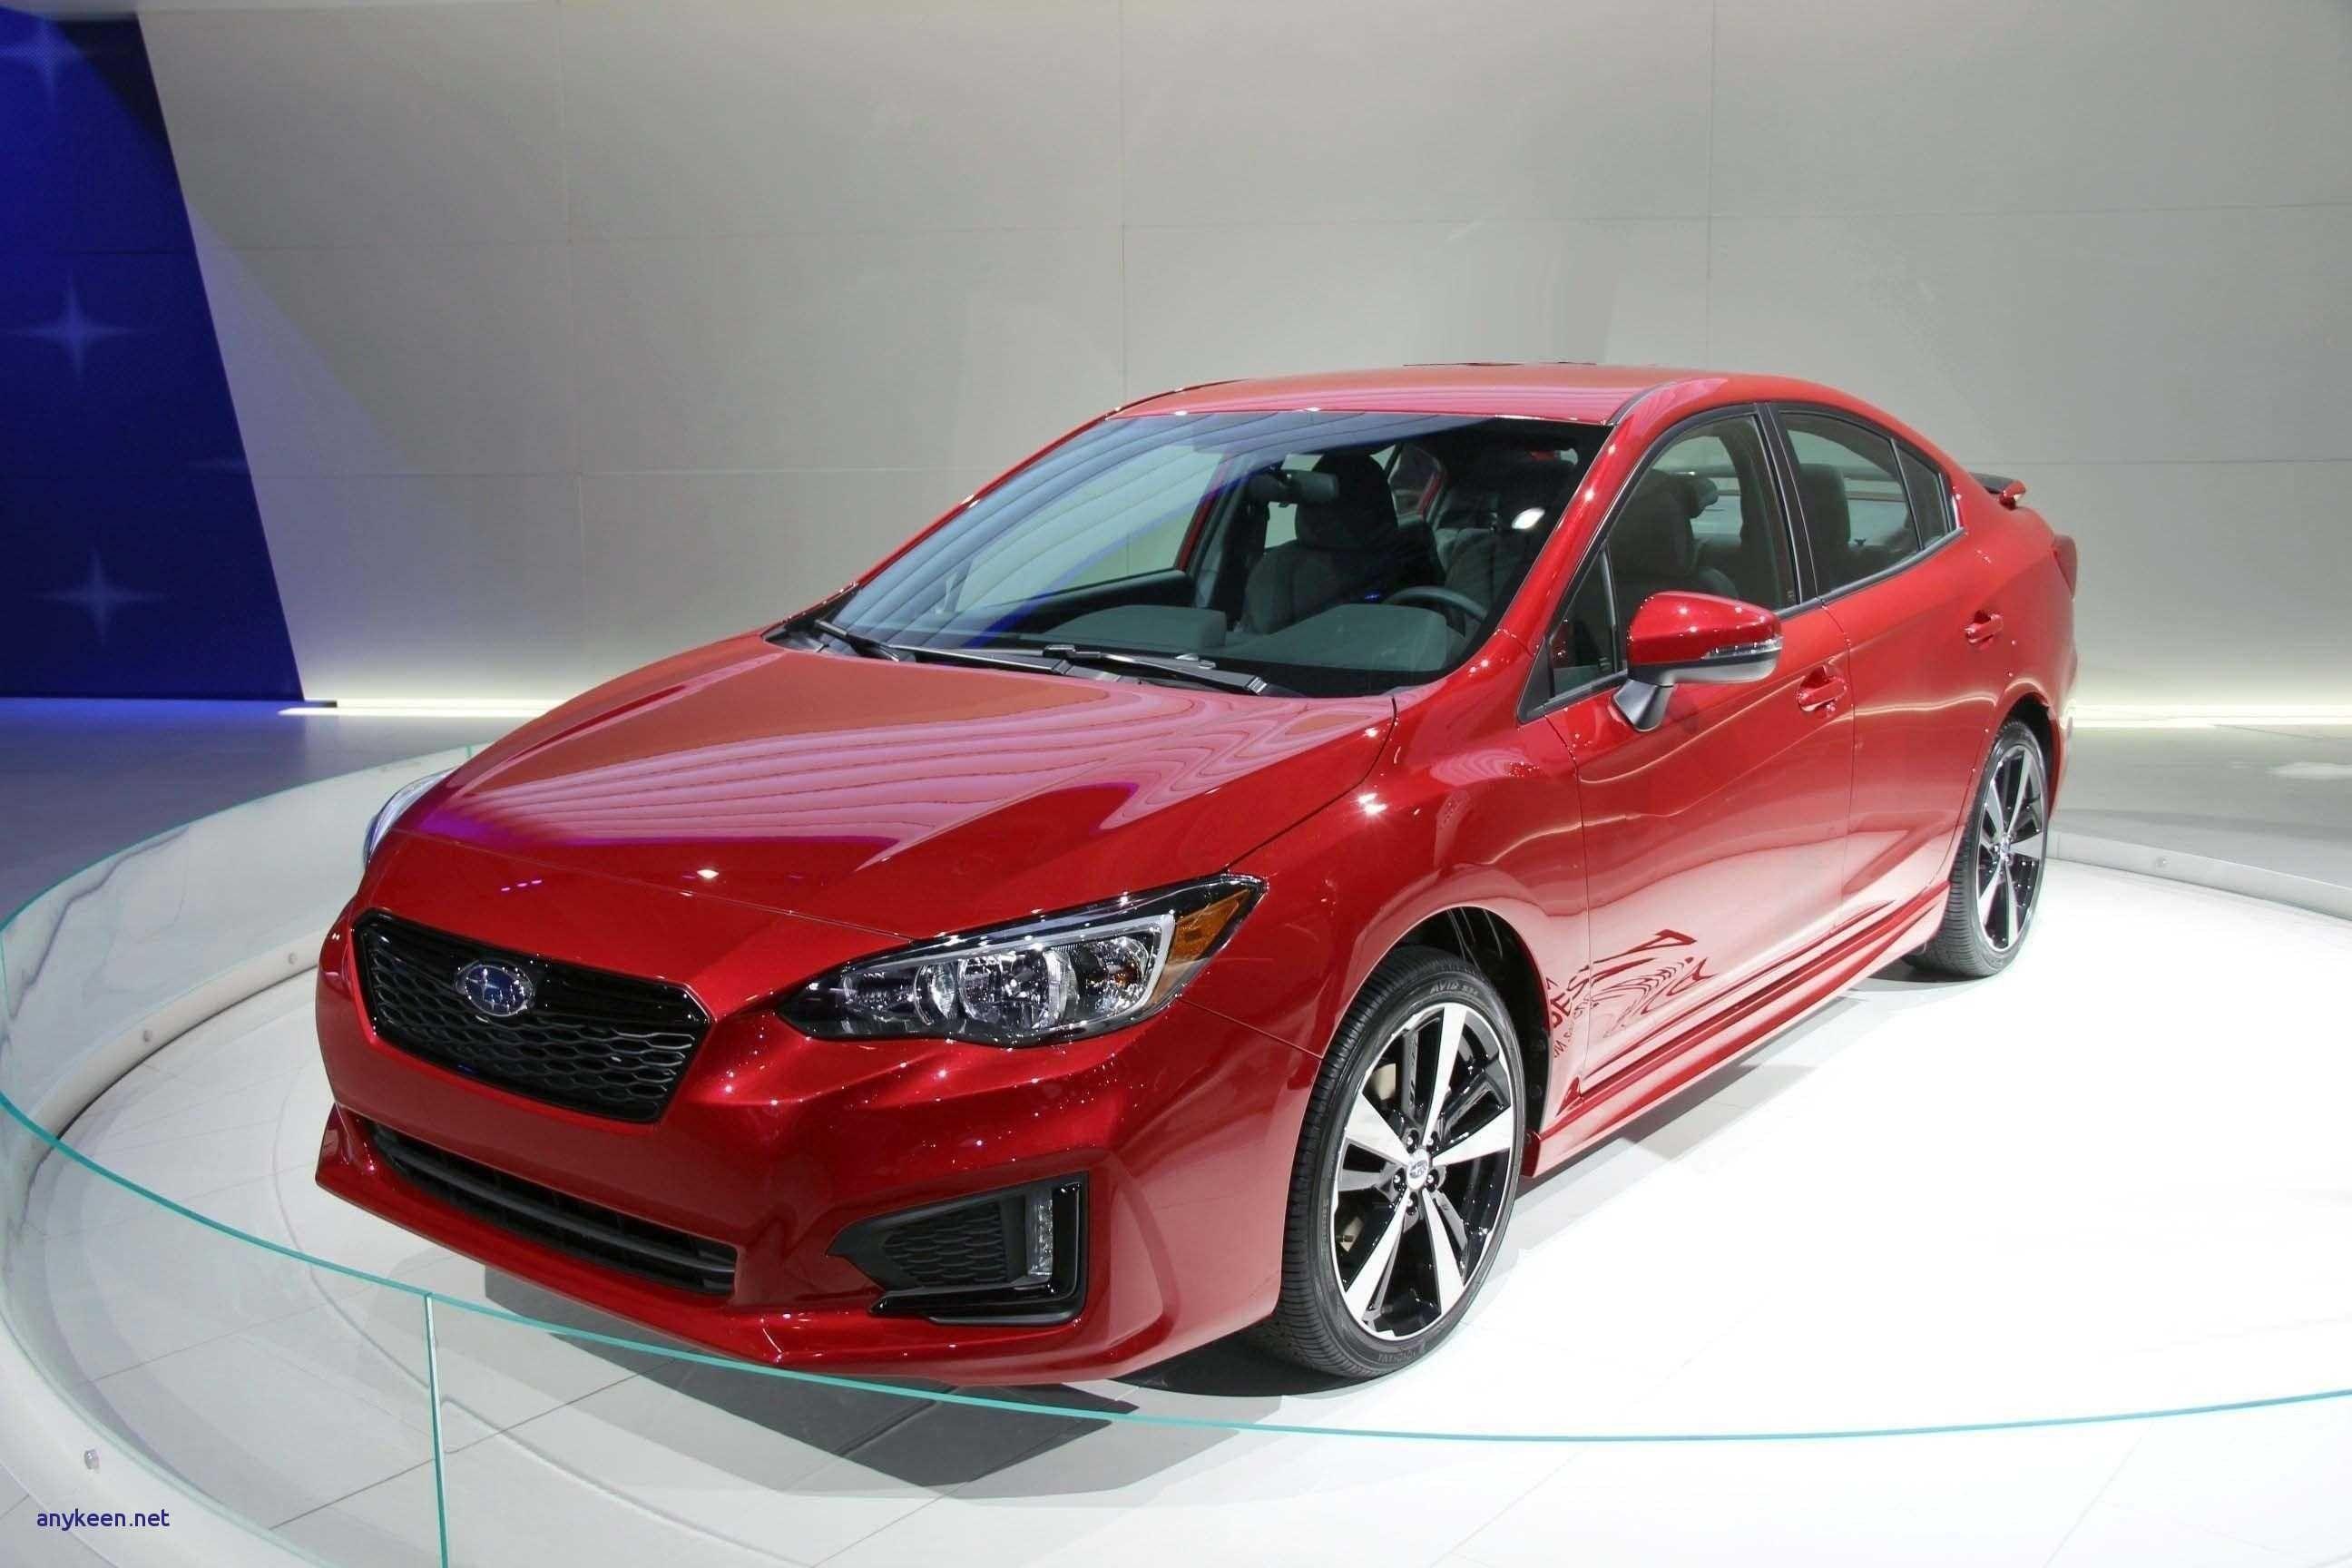 Best 2019 Subaru Hatchback New Release Subaru impreza